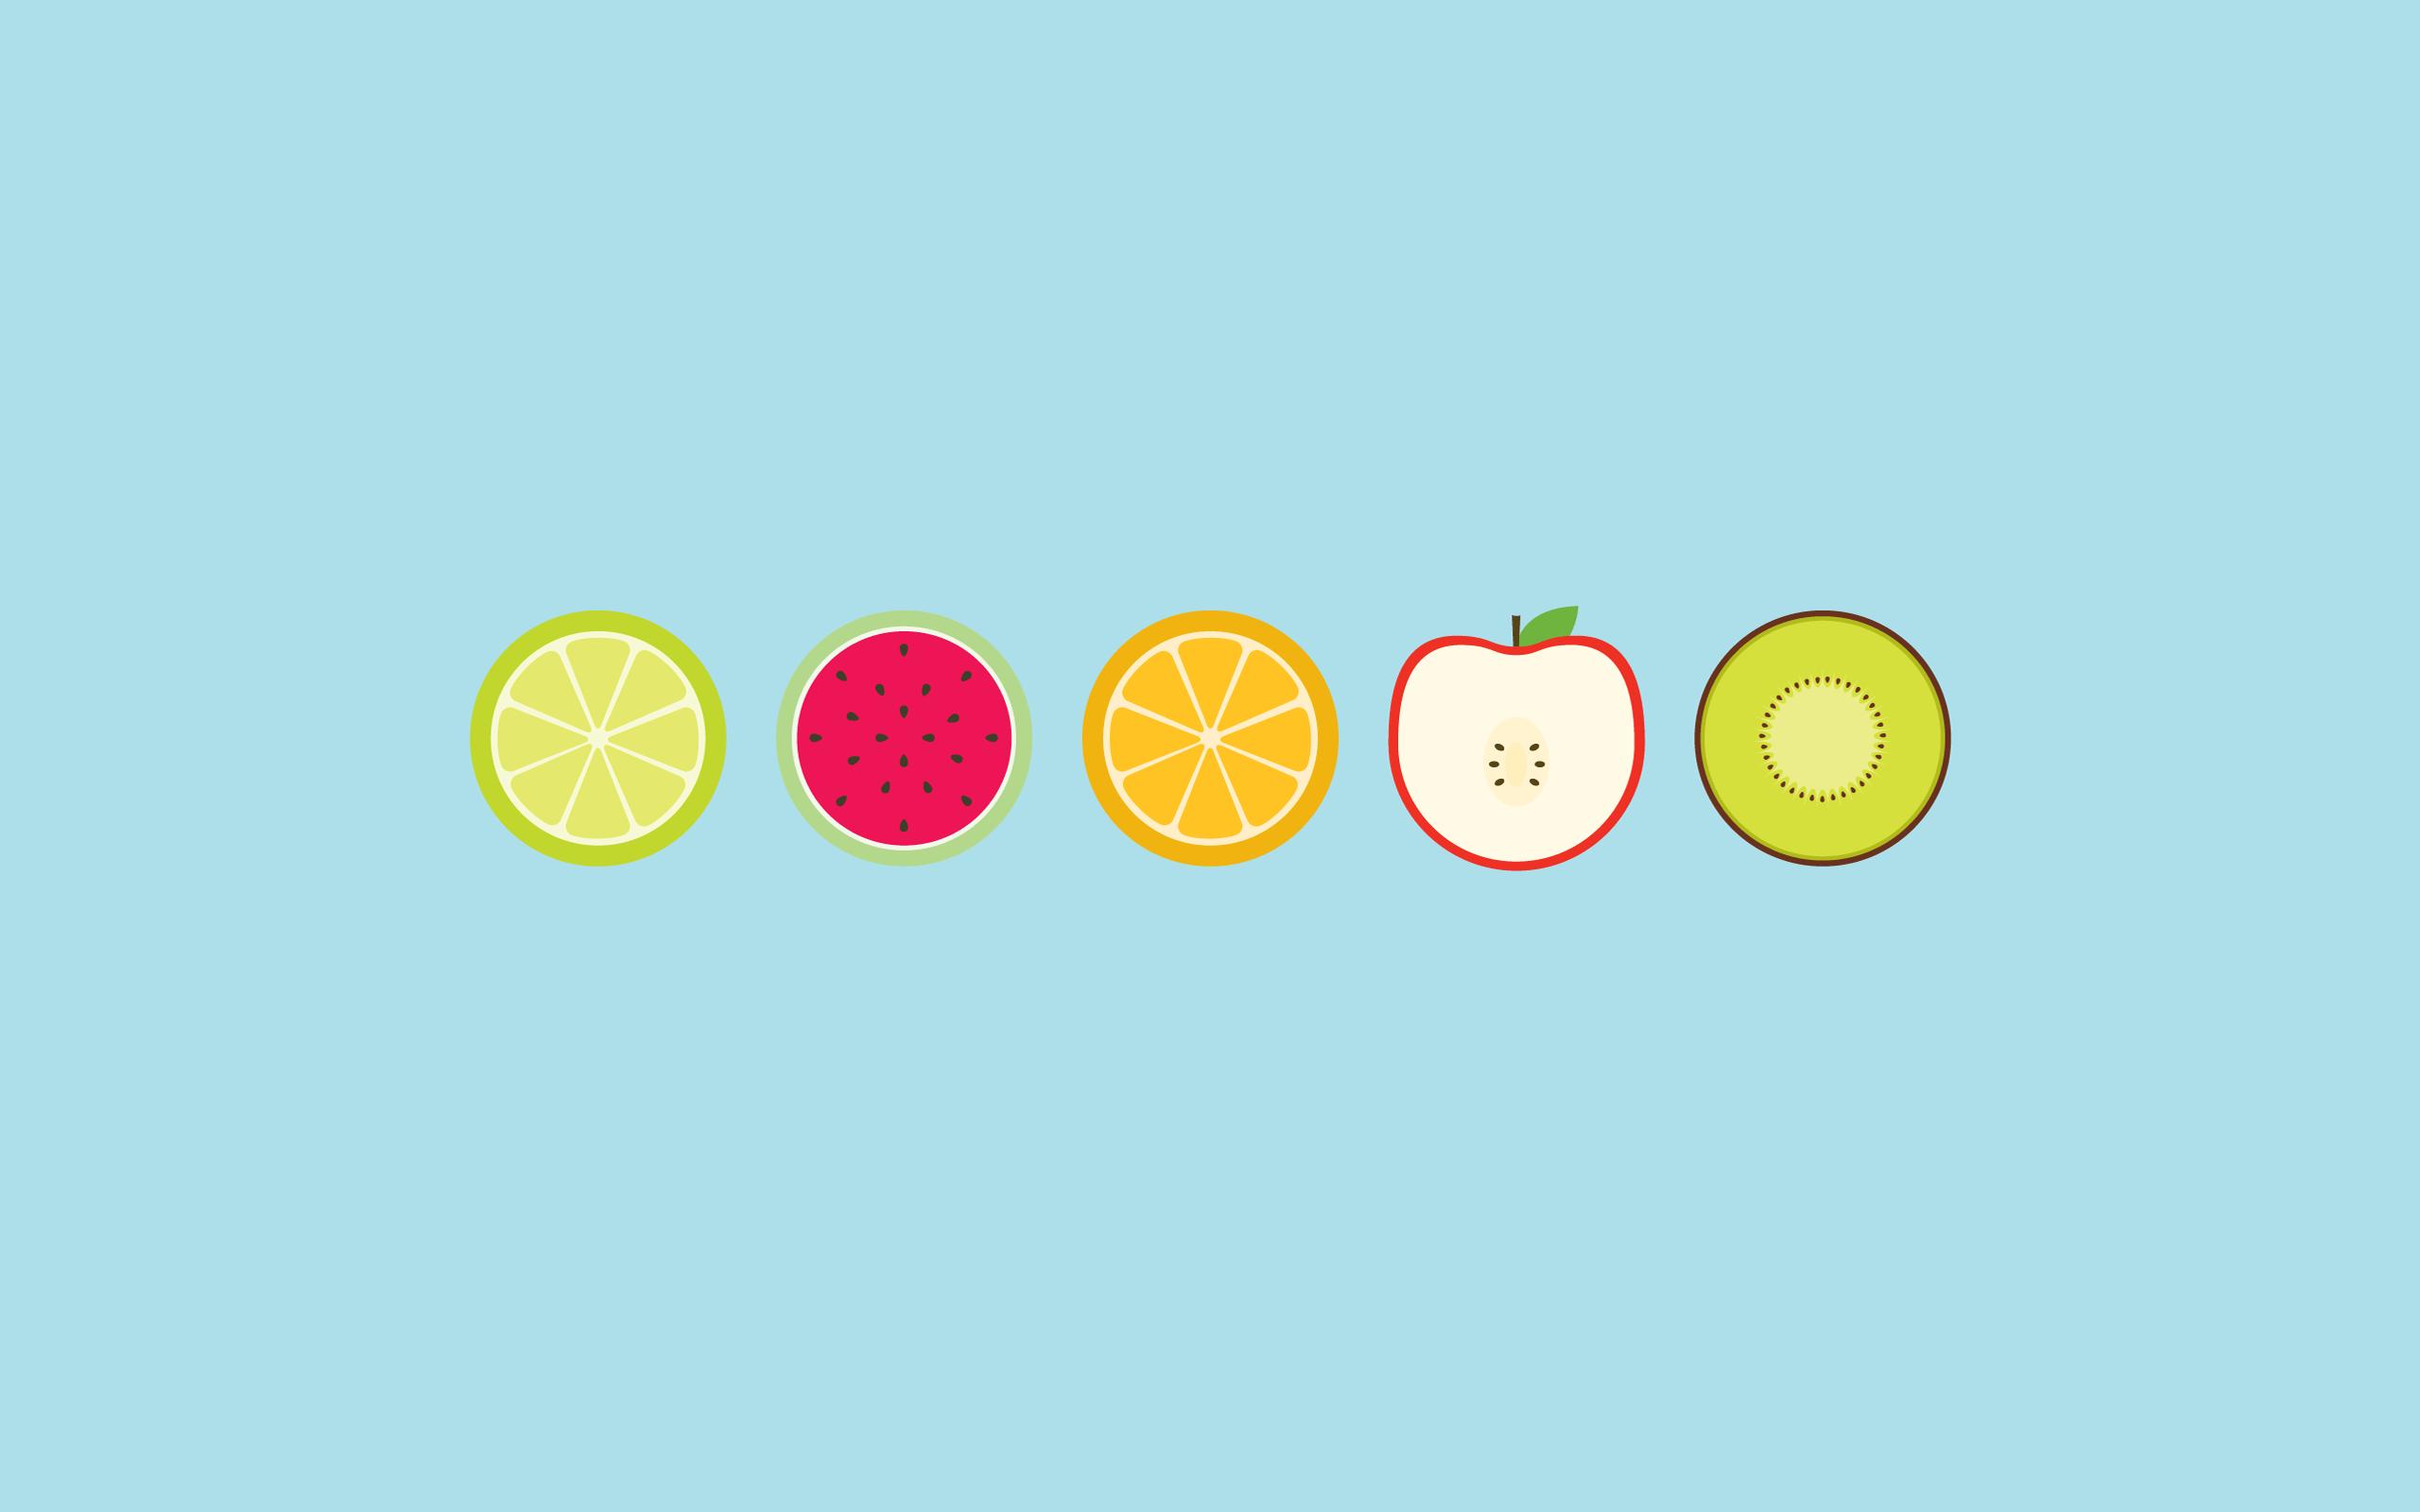 Cute Simple Desktop Wallpapers Top Free Cute Simple